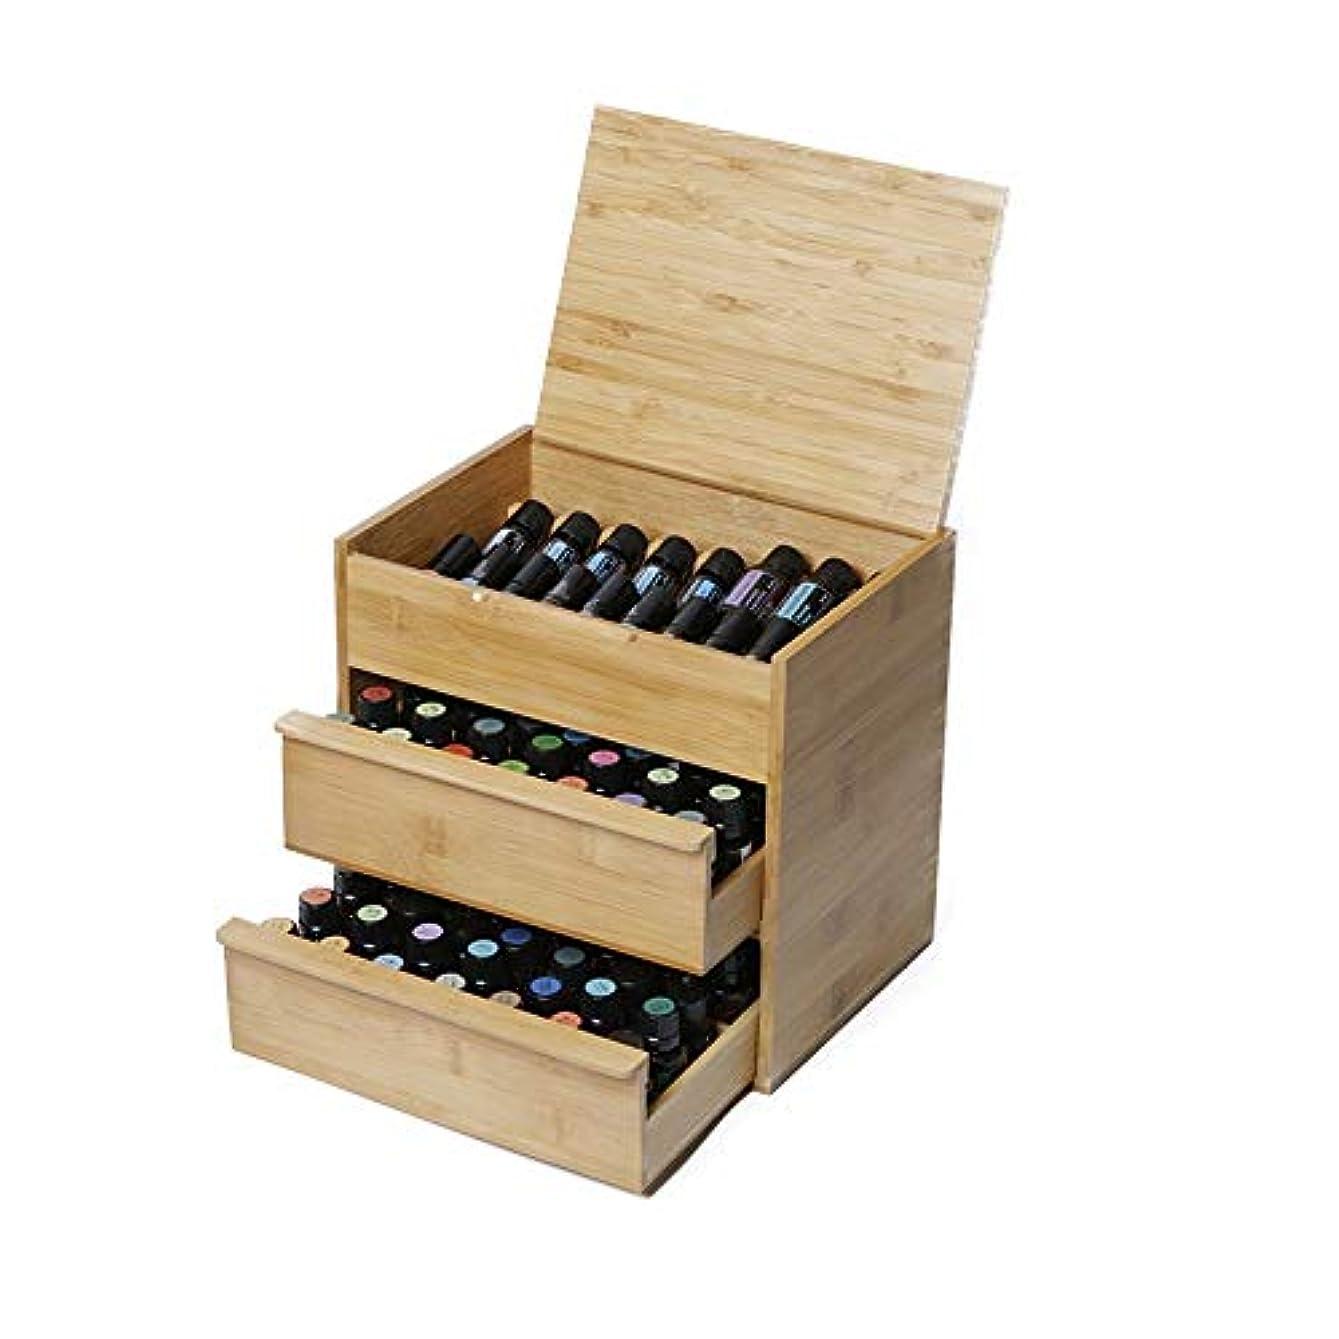 豆腐国勢調査指定エッセンシャルオイルの保管 88スロット木エッセンシャルオイルボックス3ティアボード内部リムーバブルは15/10/5 M1のボトル天然竹を開催します (色 : Natural, サイズ : 26.5X24.5X19CM)